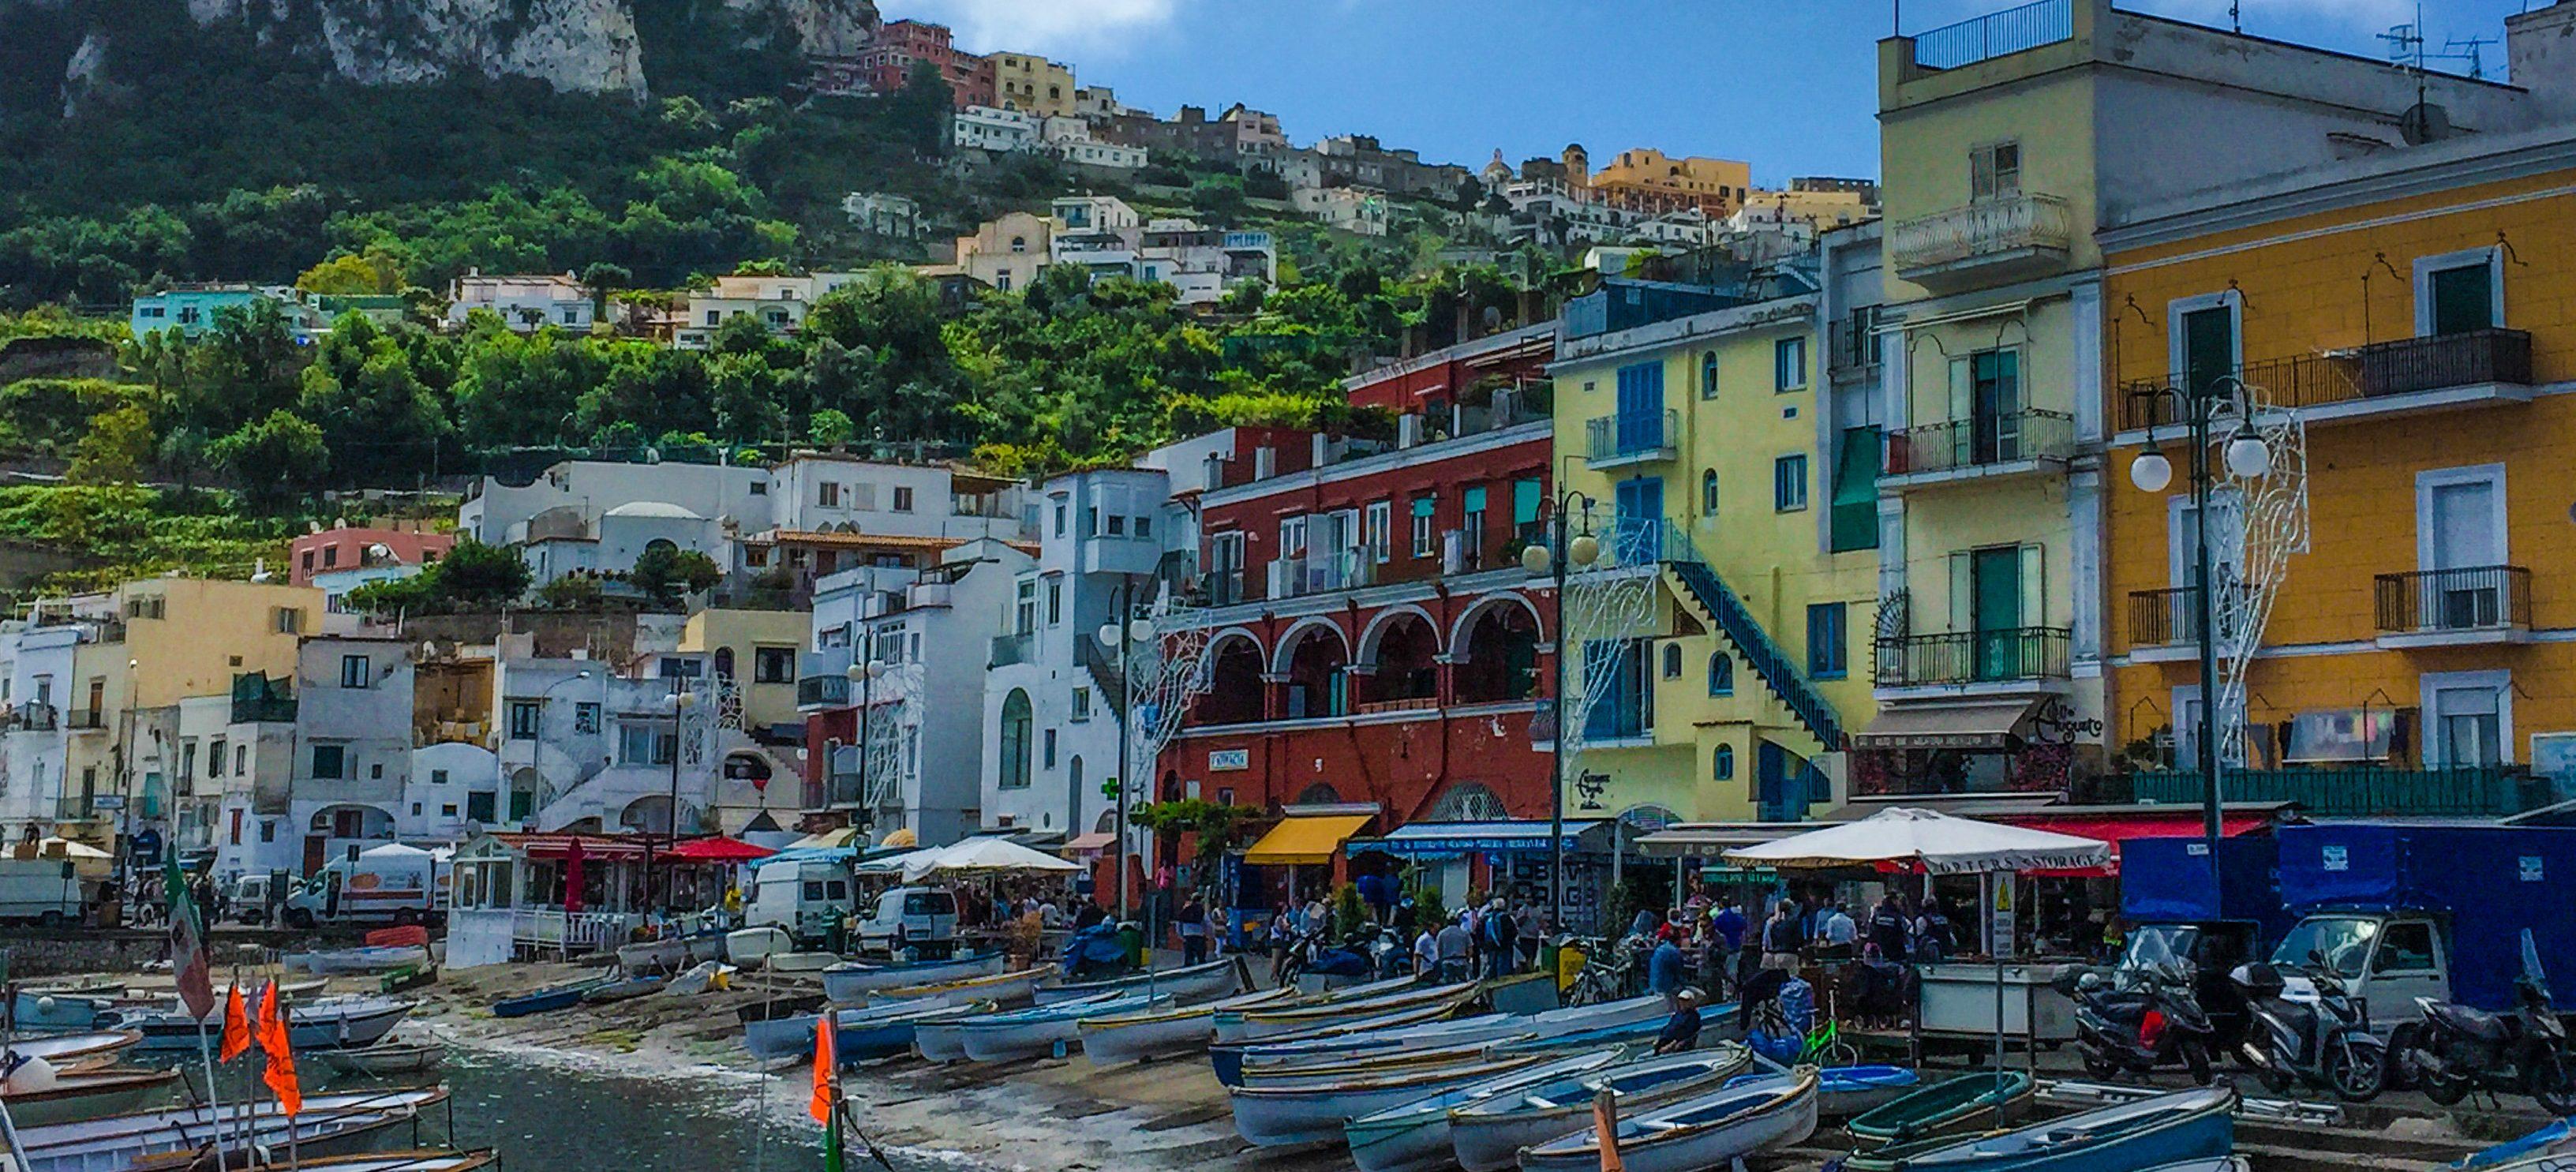 capri italy travelshare.gr